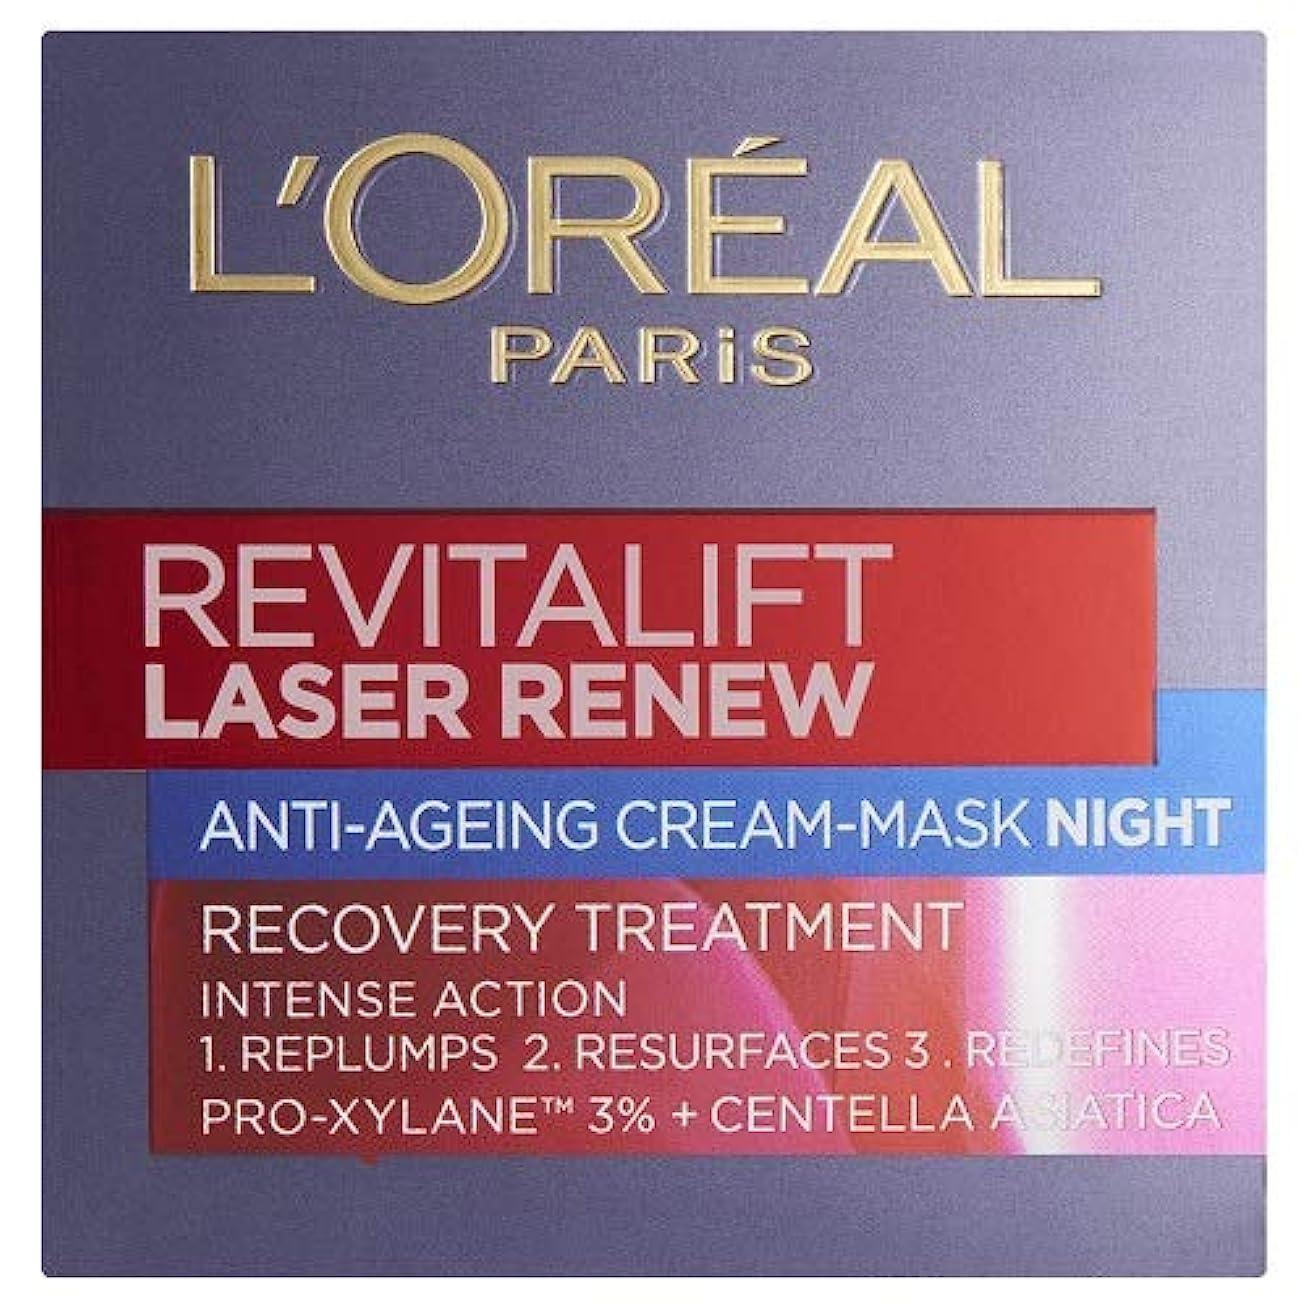 クロニクル幽霊可動L'Oreal Paris Revitalift Laser Renew Night Cream (50ml) パリrevitaliftレーザーはナイトクリームを更新l'オラ?ら( 50ミリリットル)